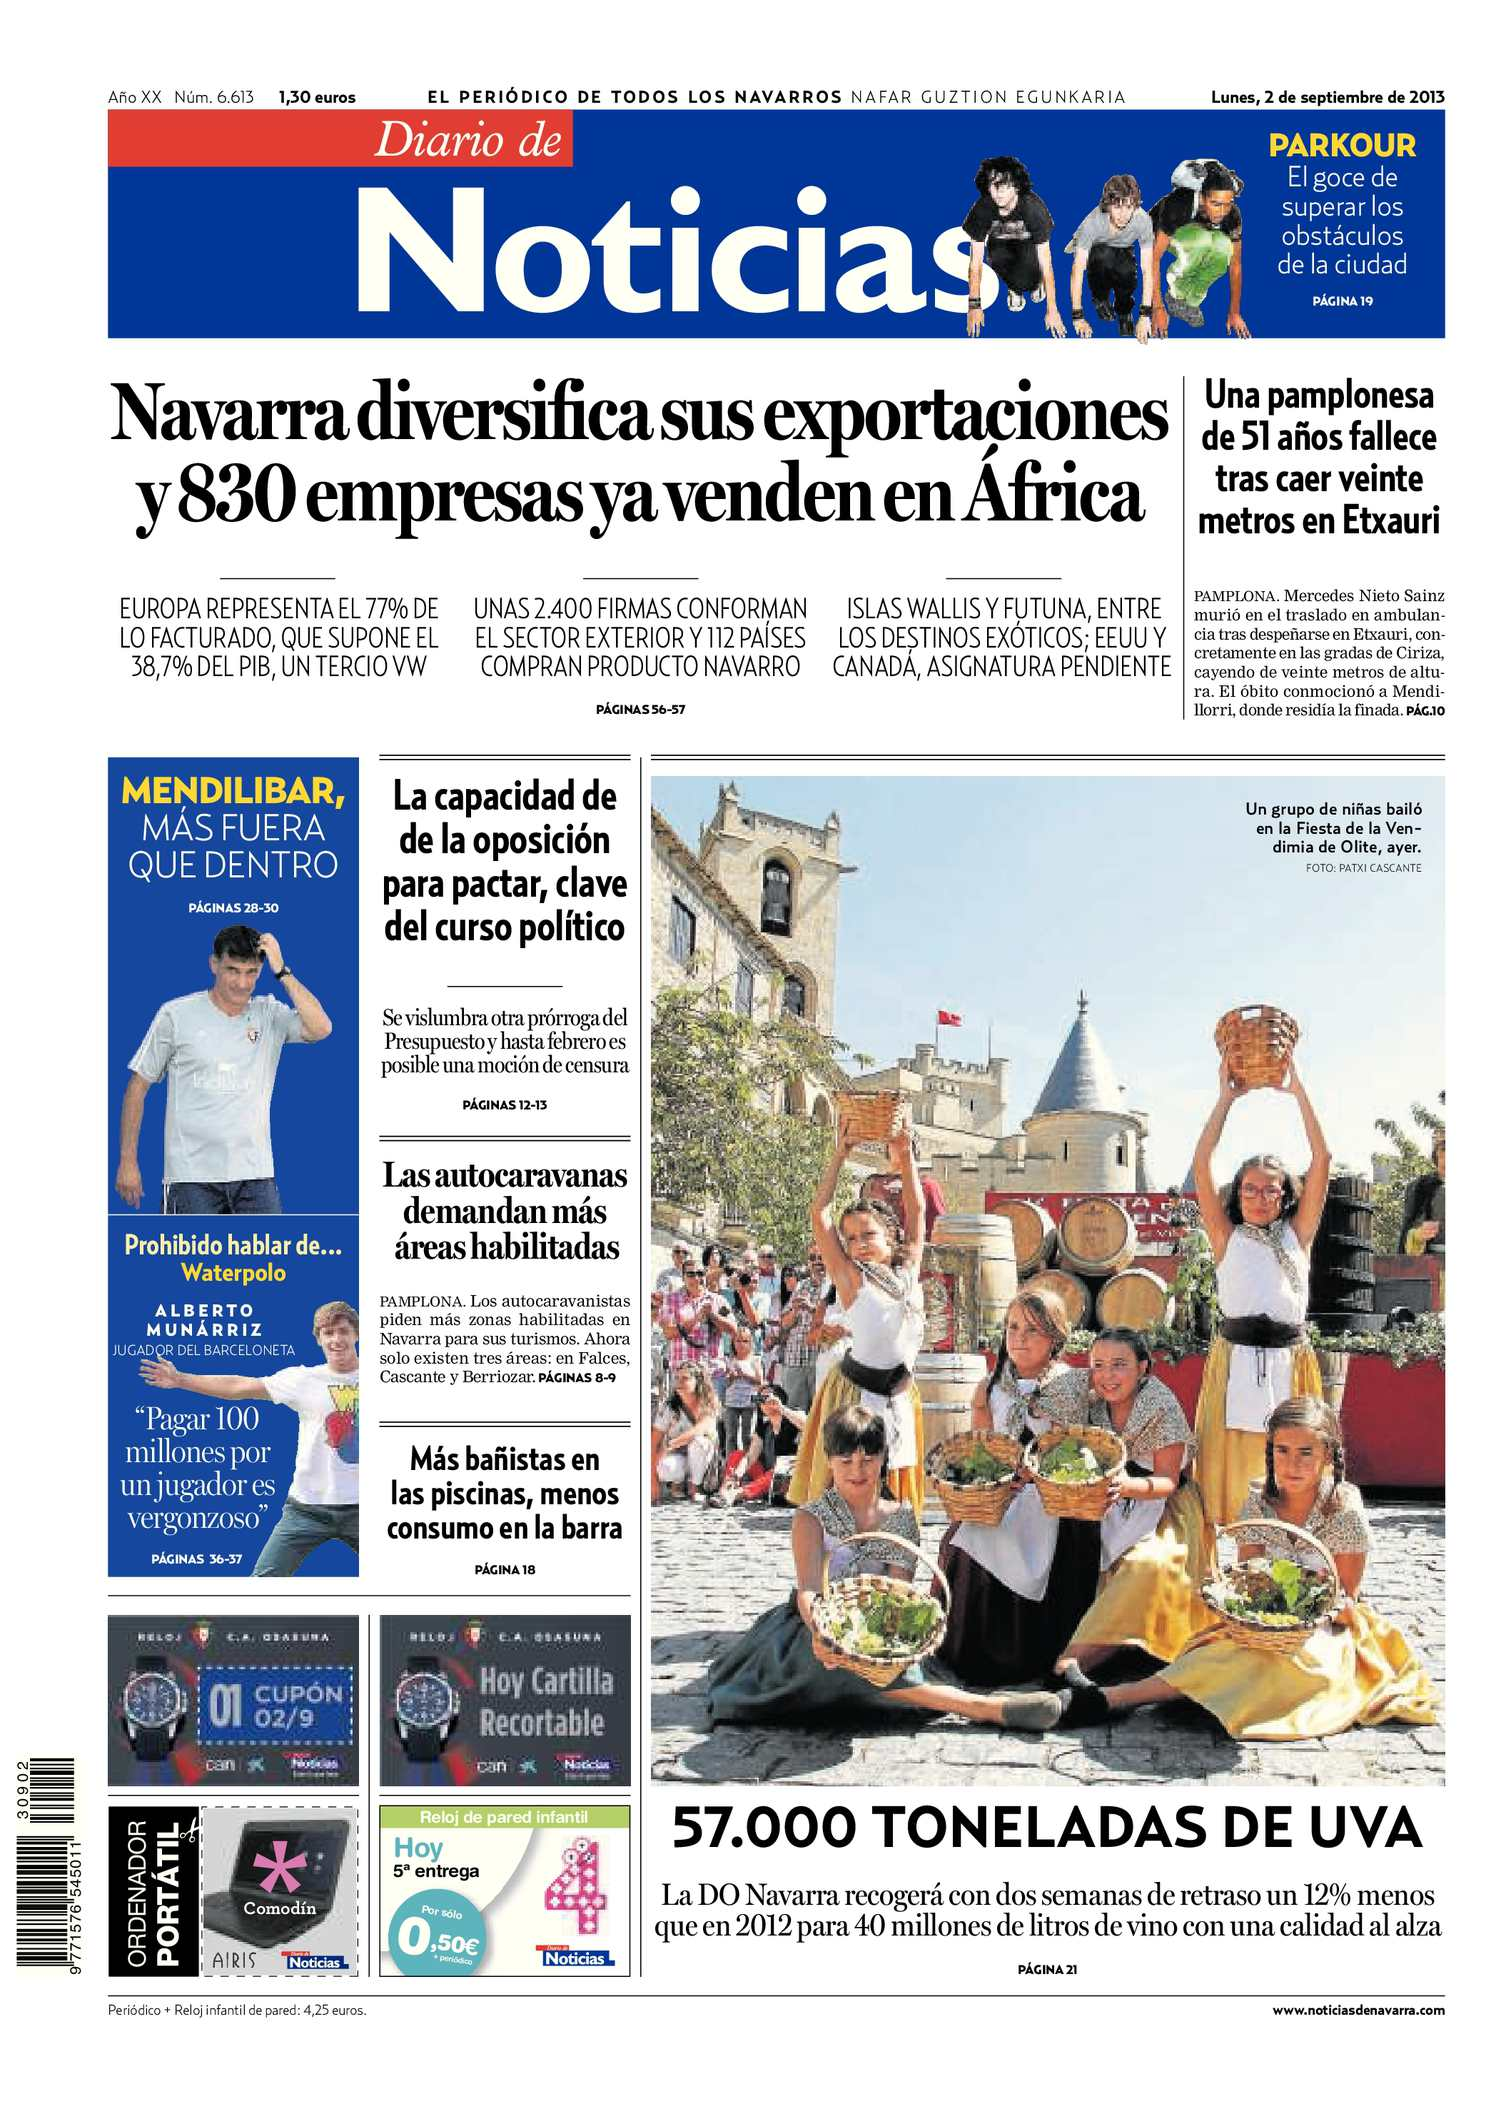 Citas online hospital sur Alcorcon recproco